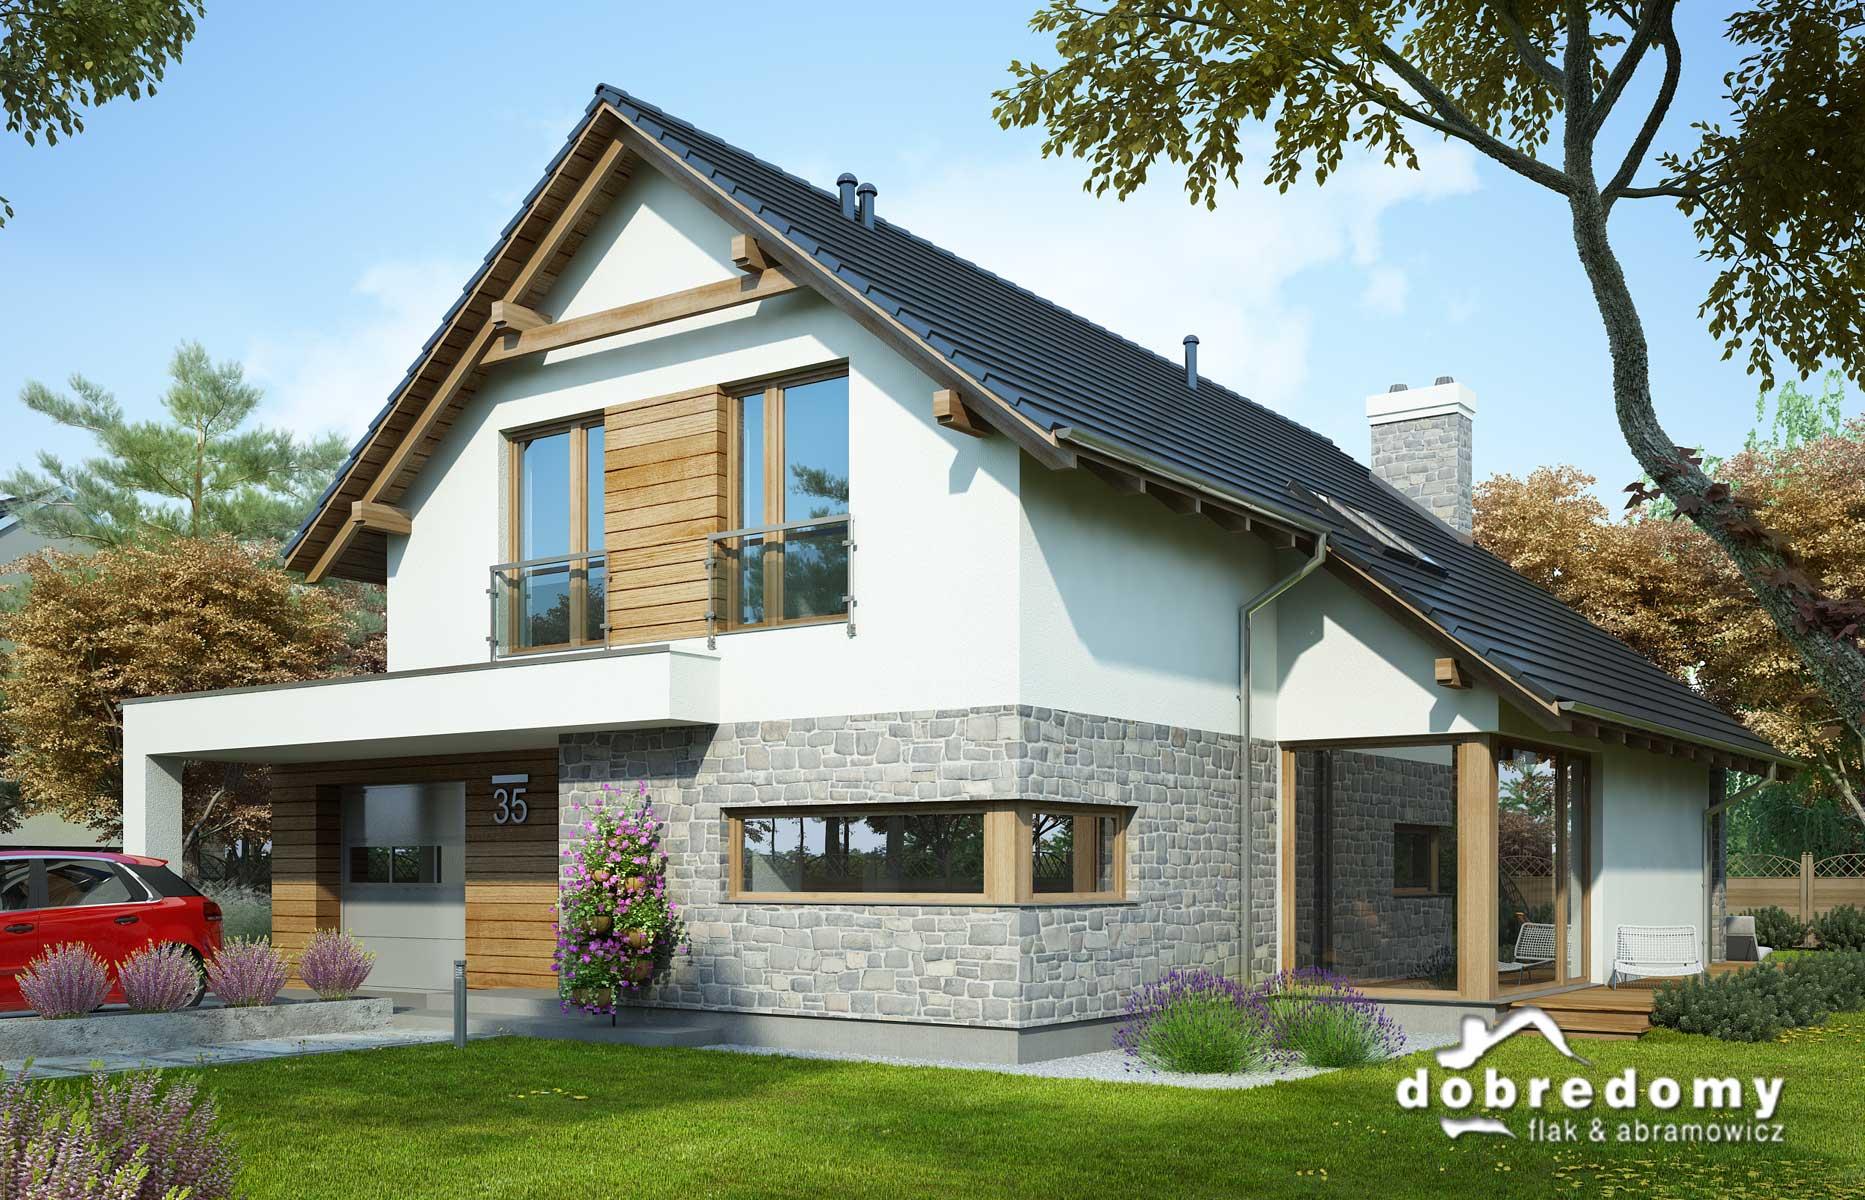 Kąt nachylenia dachu a urządzanie poddasza użytkowego